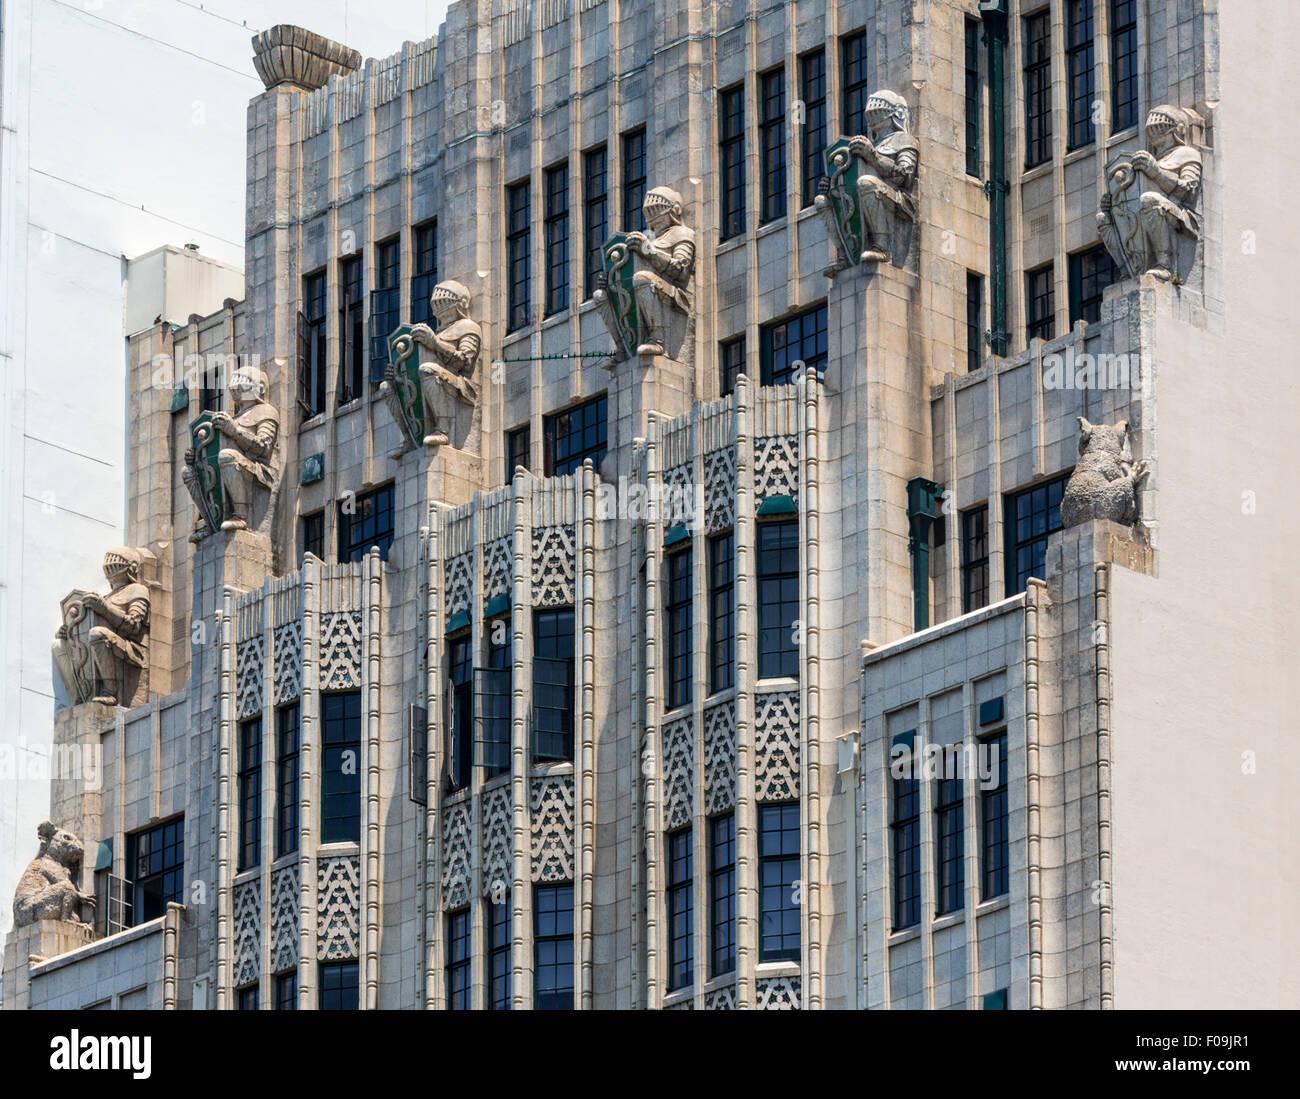 des statues de kangourous et caduceus shield clad chevaliers sur la